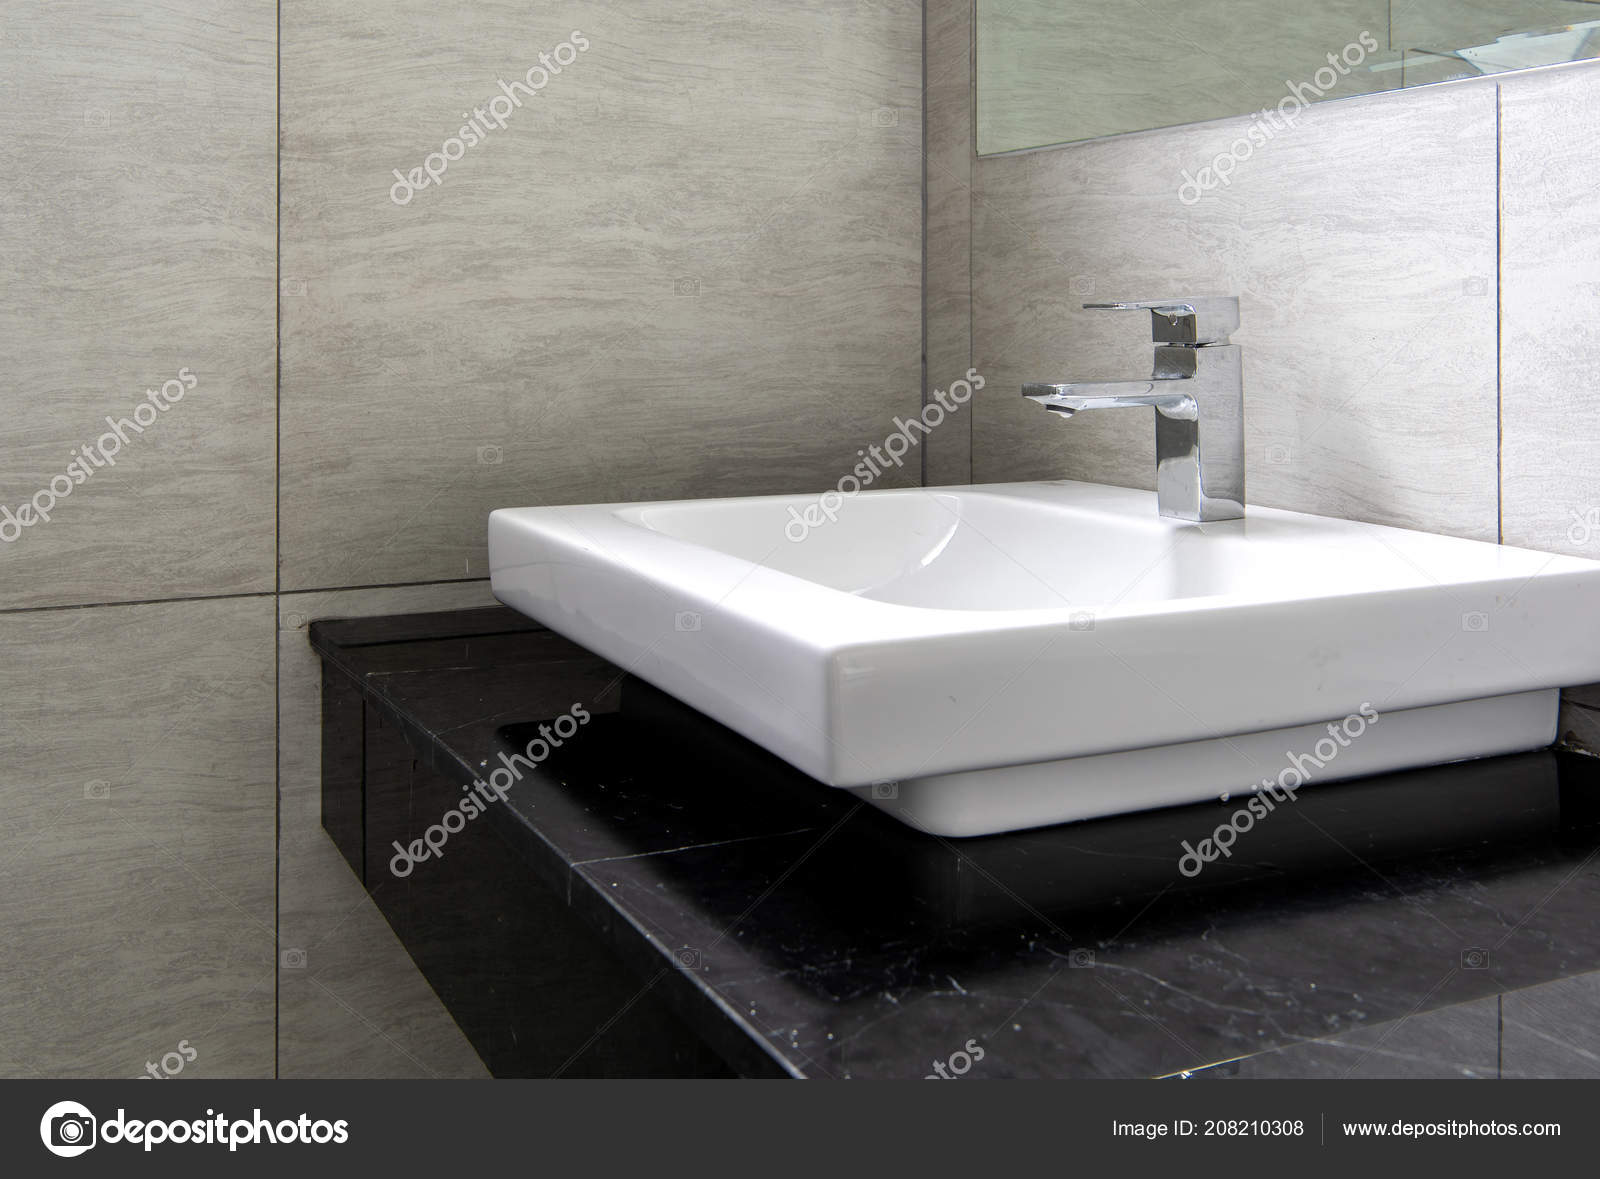 Interieur van badkamer met wastafel kraan u2014 stockfoto © kitthanes r